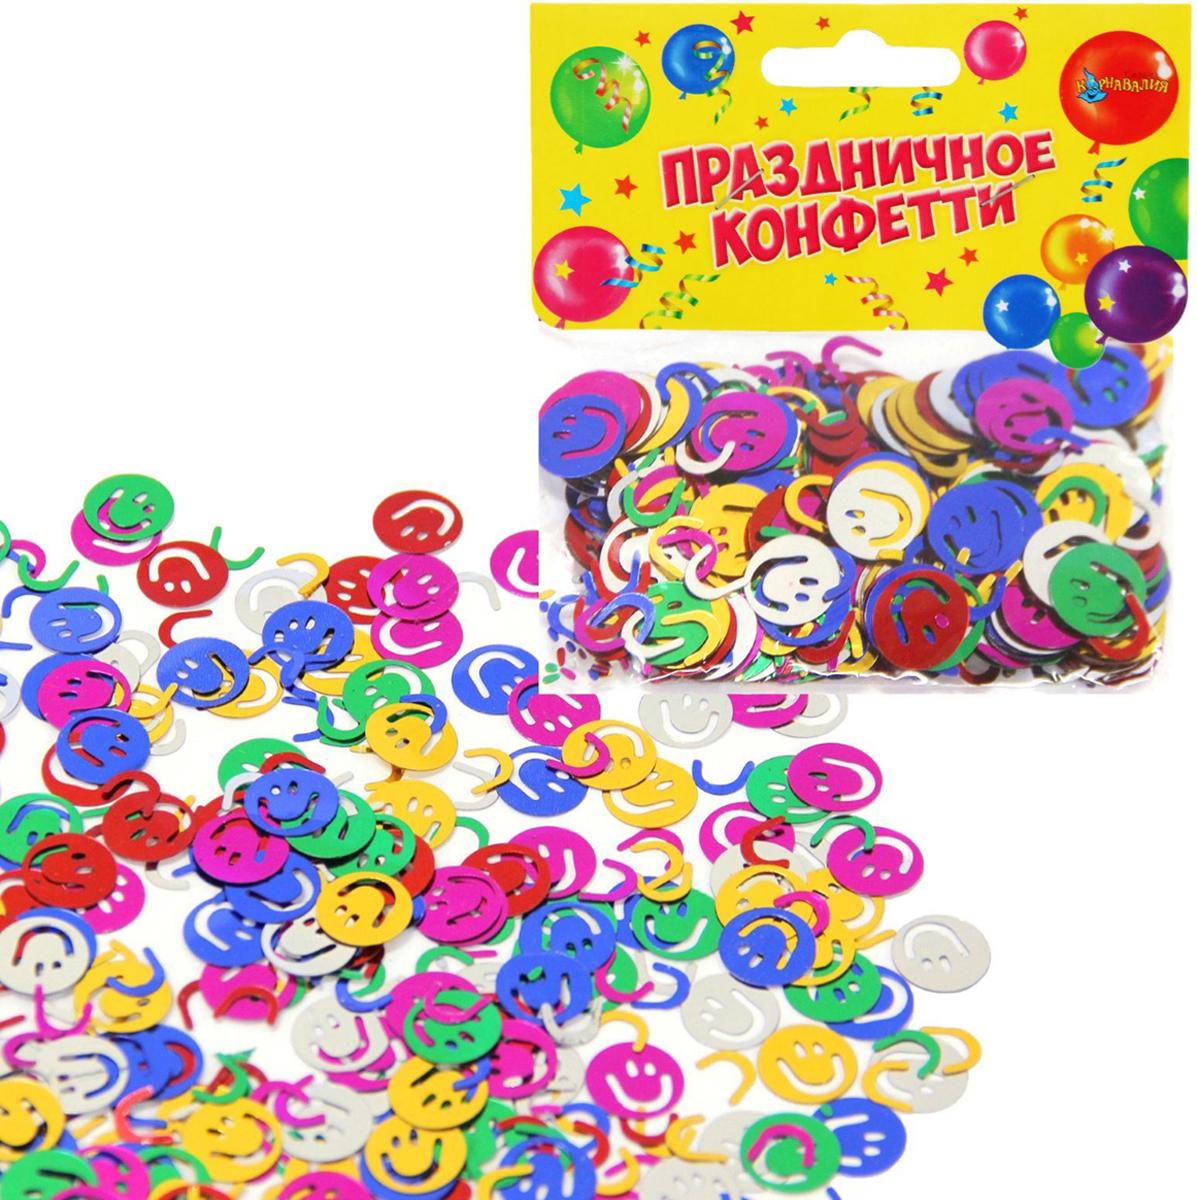 Страна Карнавалия Карнавал конфетти цветные смайлики 14 г 324194